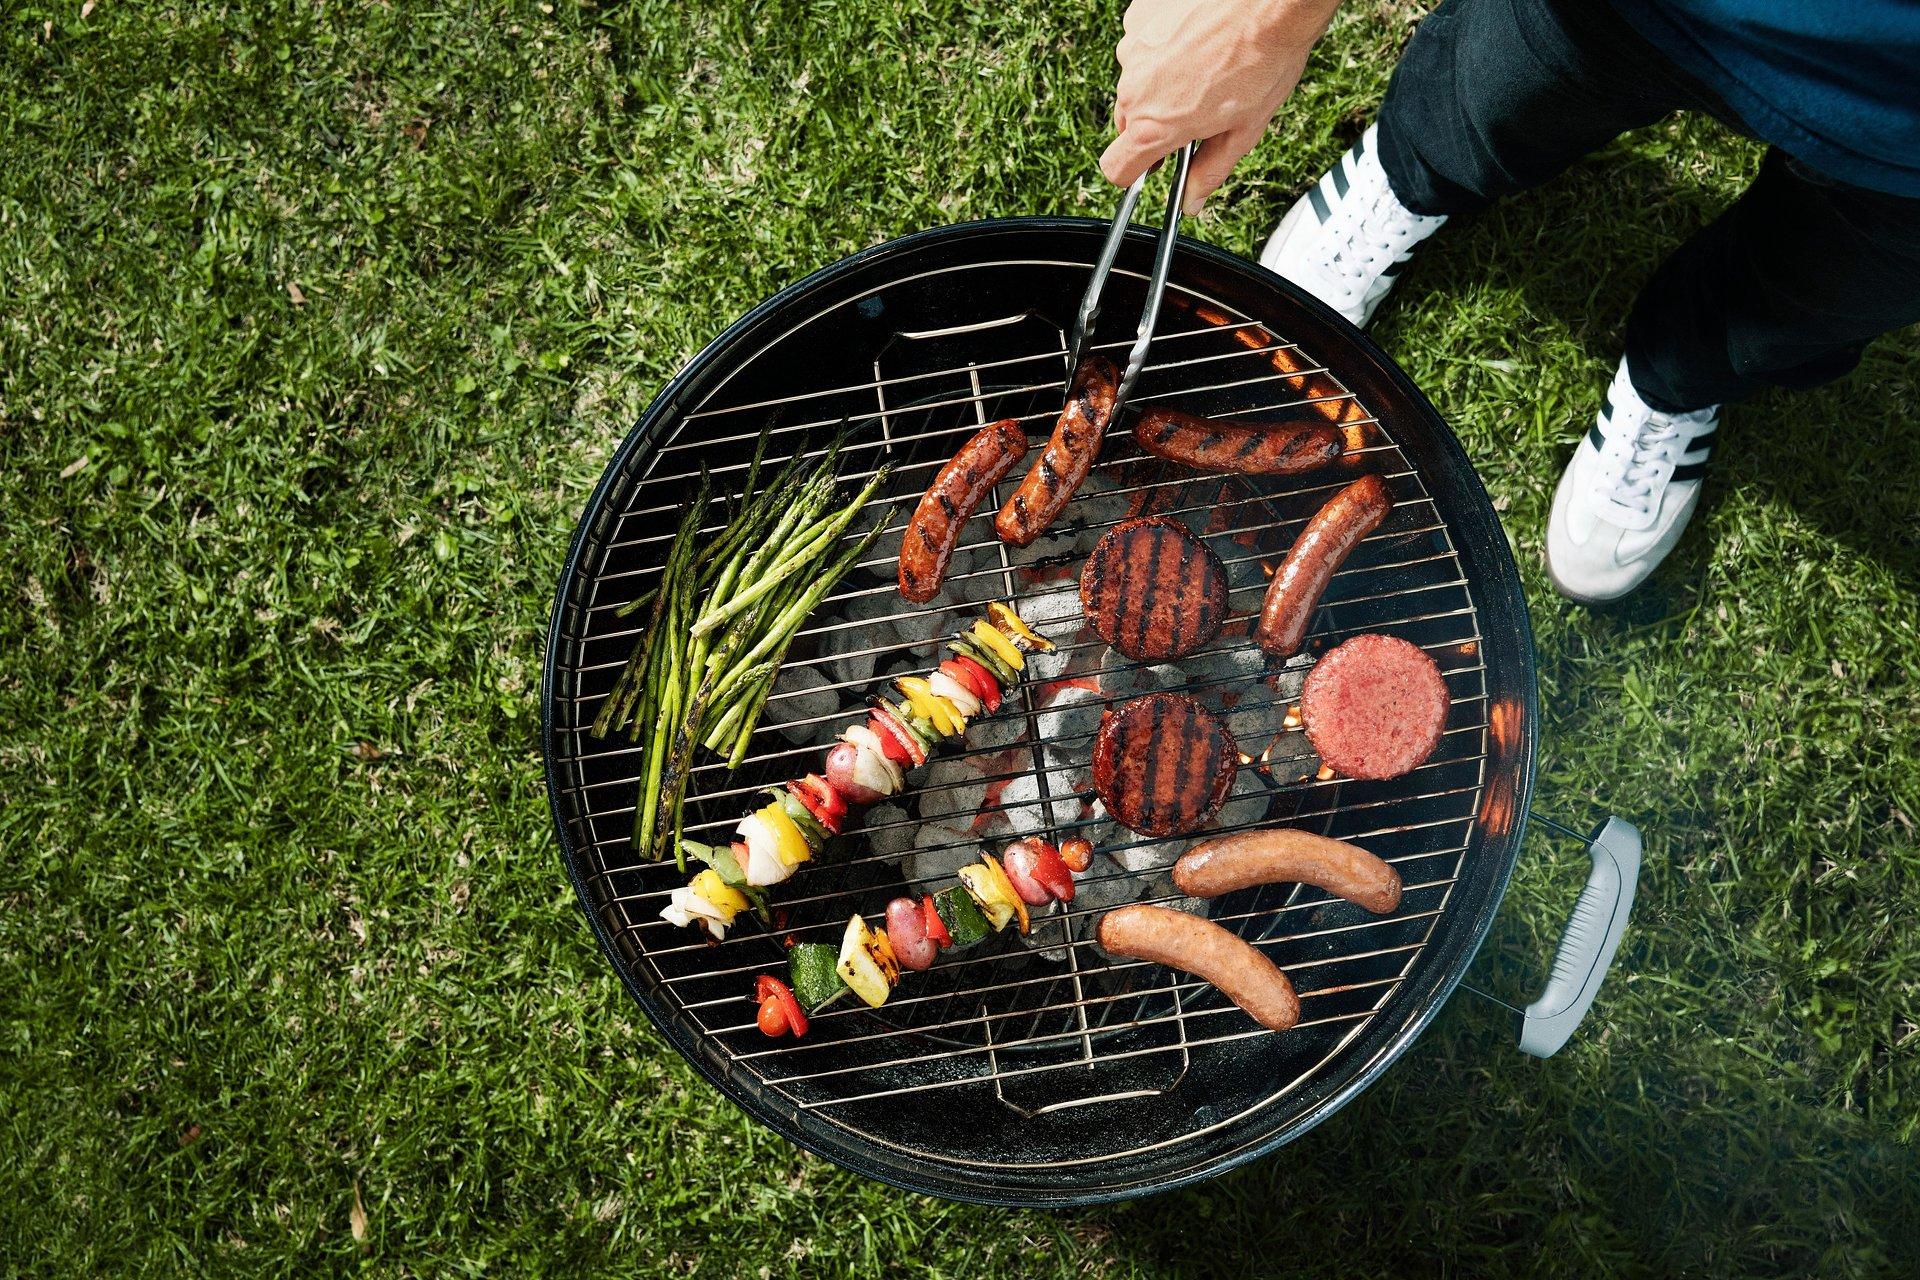 Wege grill. Co wrzucić na ruszt, by grillować smacznie i zdrowo?